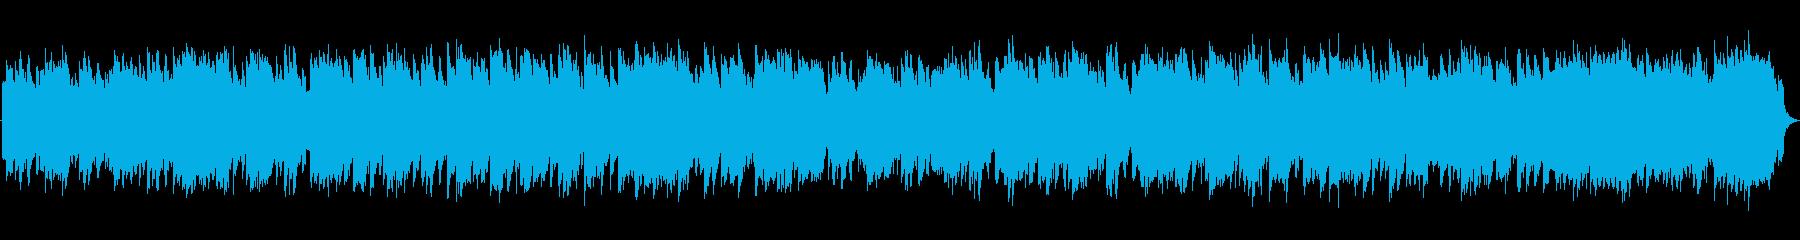 RPGのタイトル画面向け切ないBGMの再生済みの波形